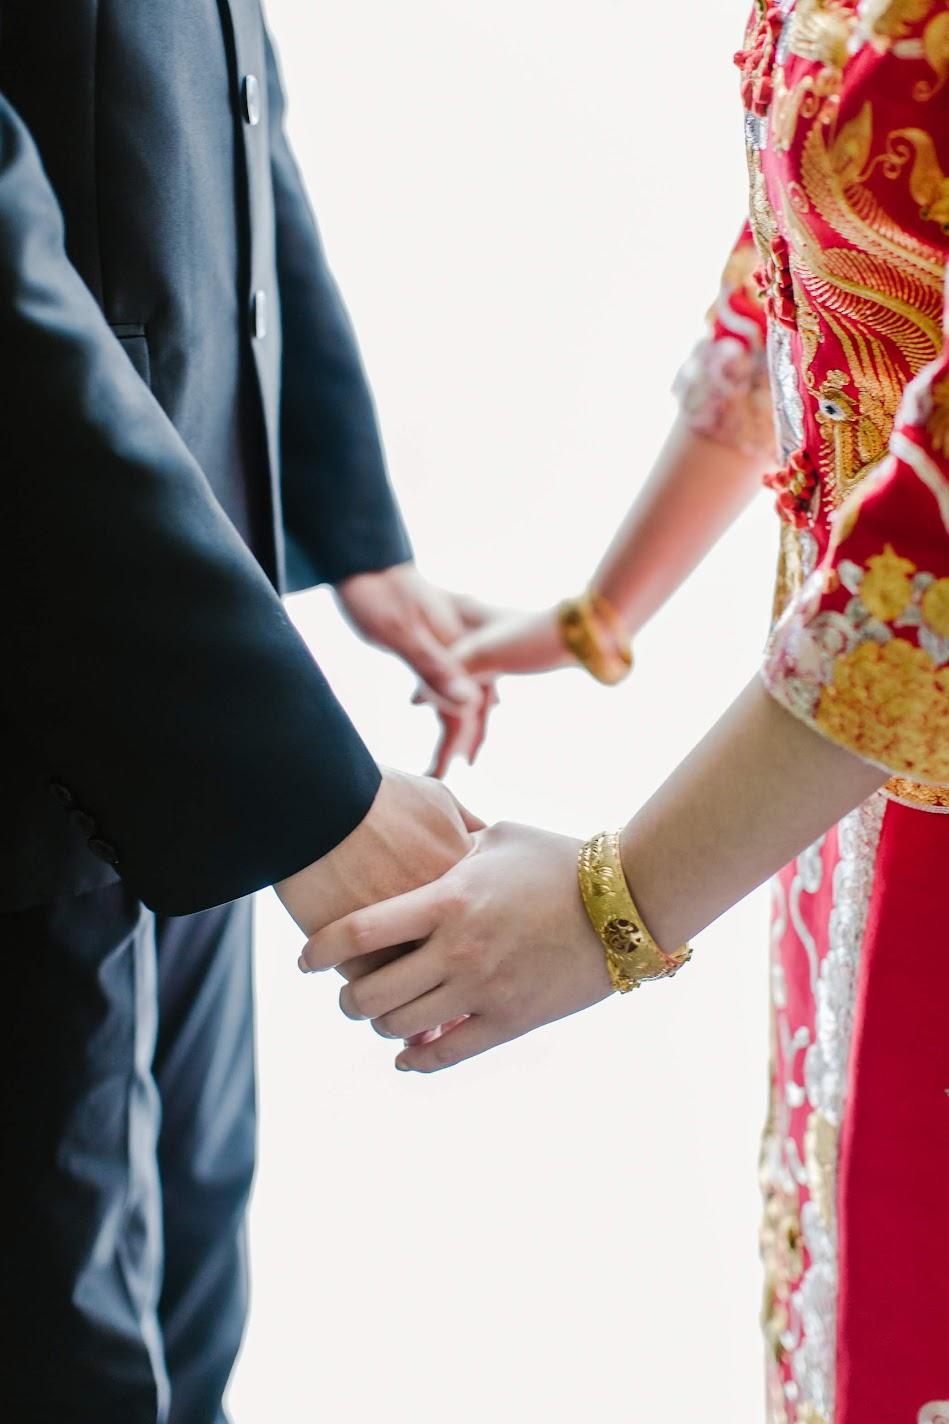 在 台北 的 故宮晶華 婚宴 場地舉行陽光正好的美式 婚禮 , 是每位新娘夢寐以求的西式婚禮樣式!